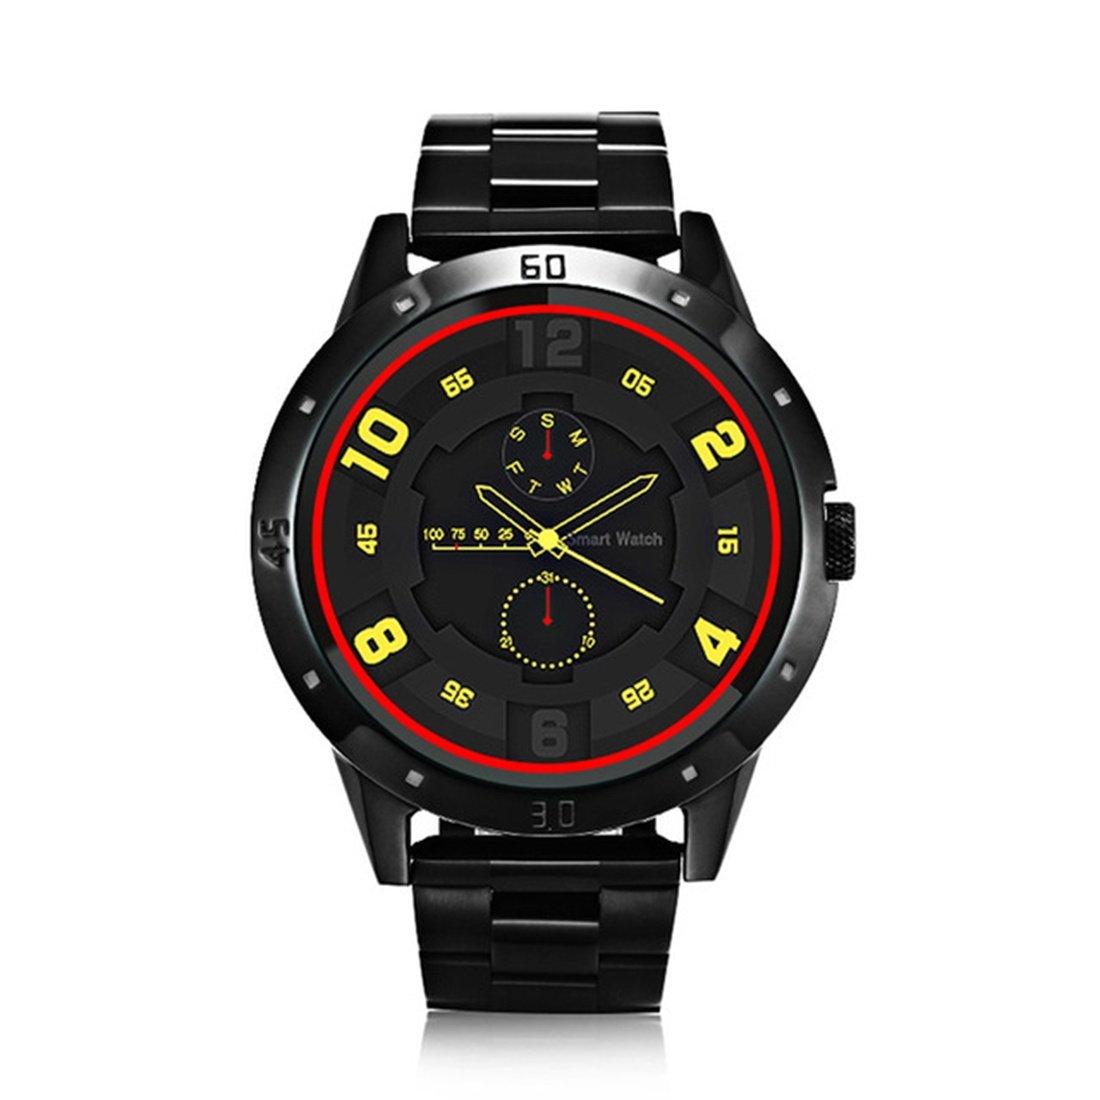 Amazon.com: PINCHU DI02 Smart Watch Heart Rate Monitor Two ...